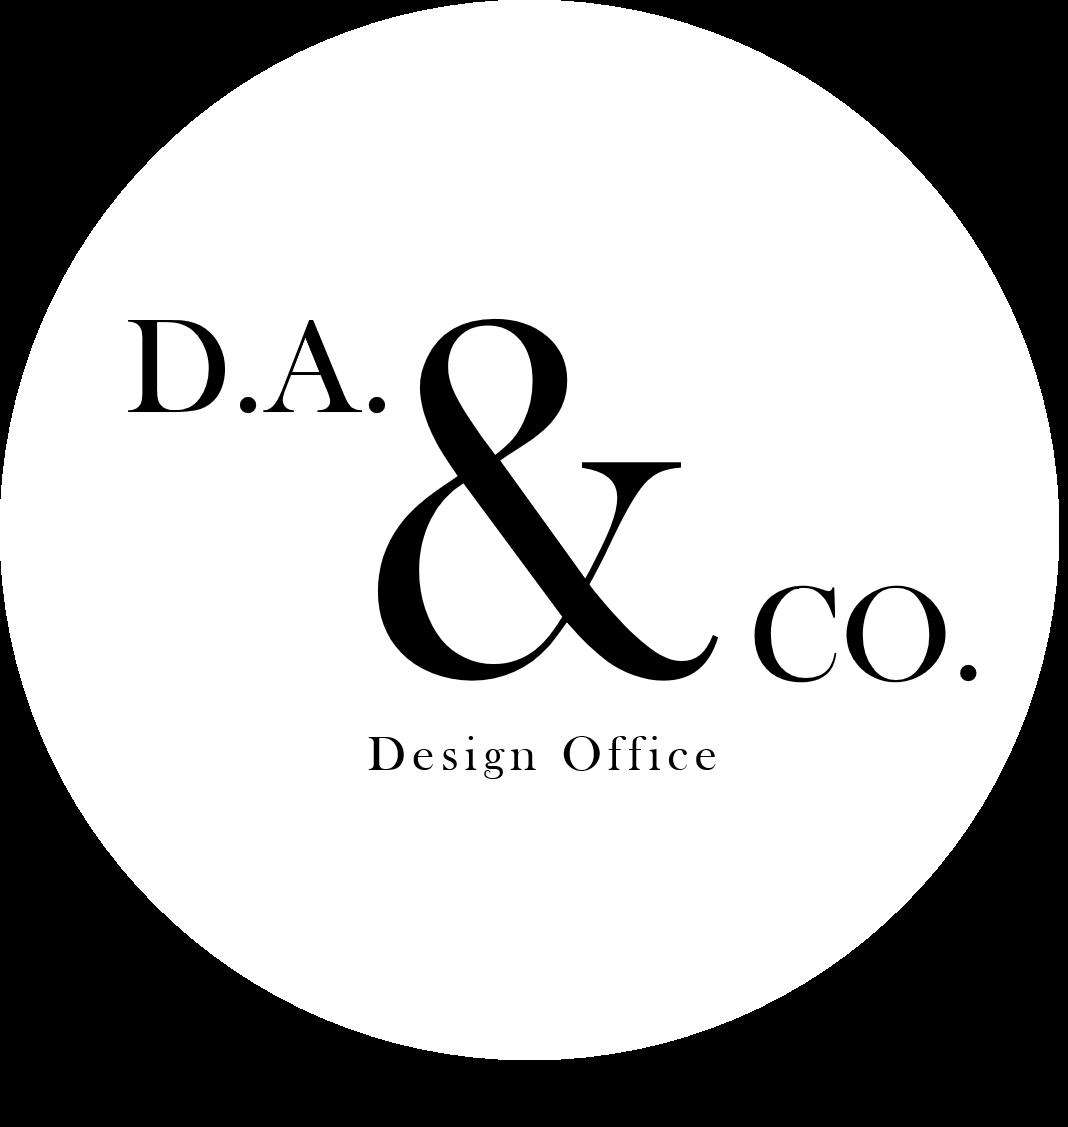 DA&Co.